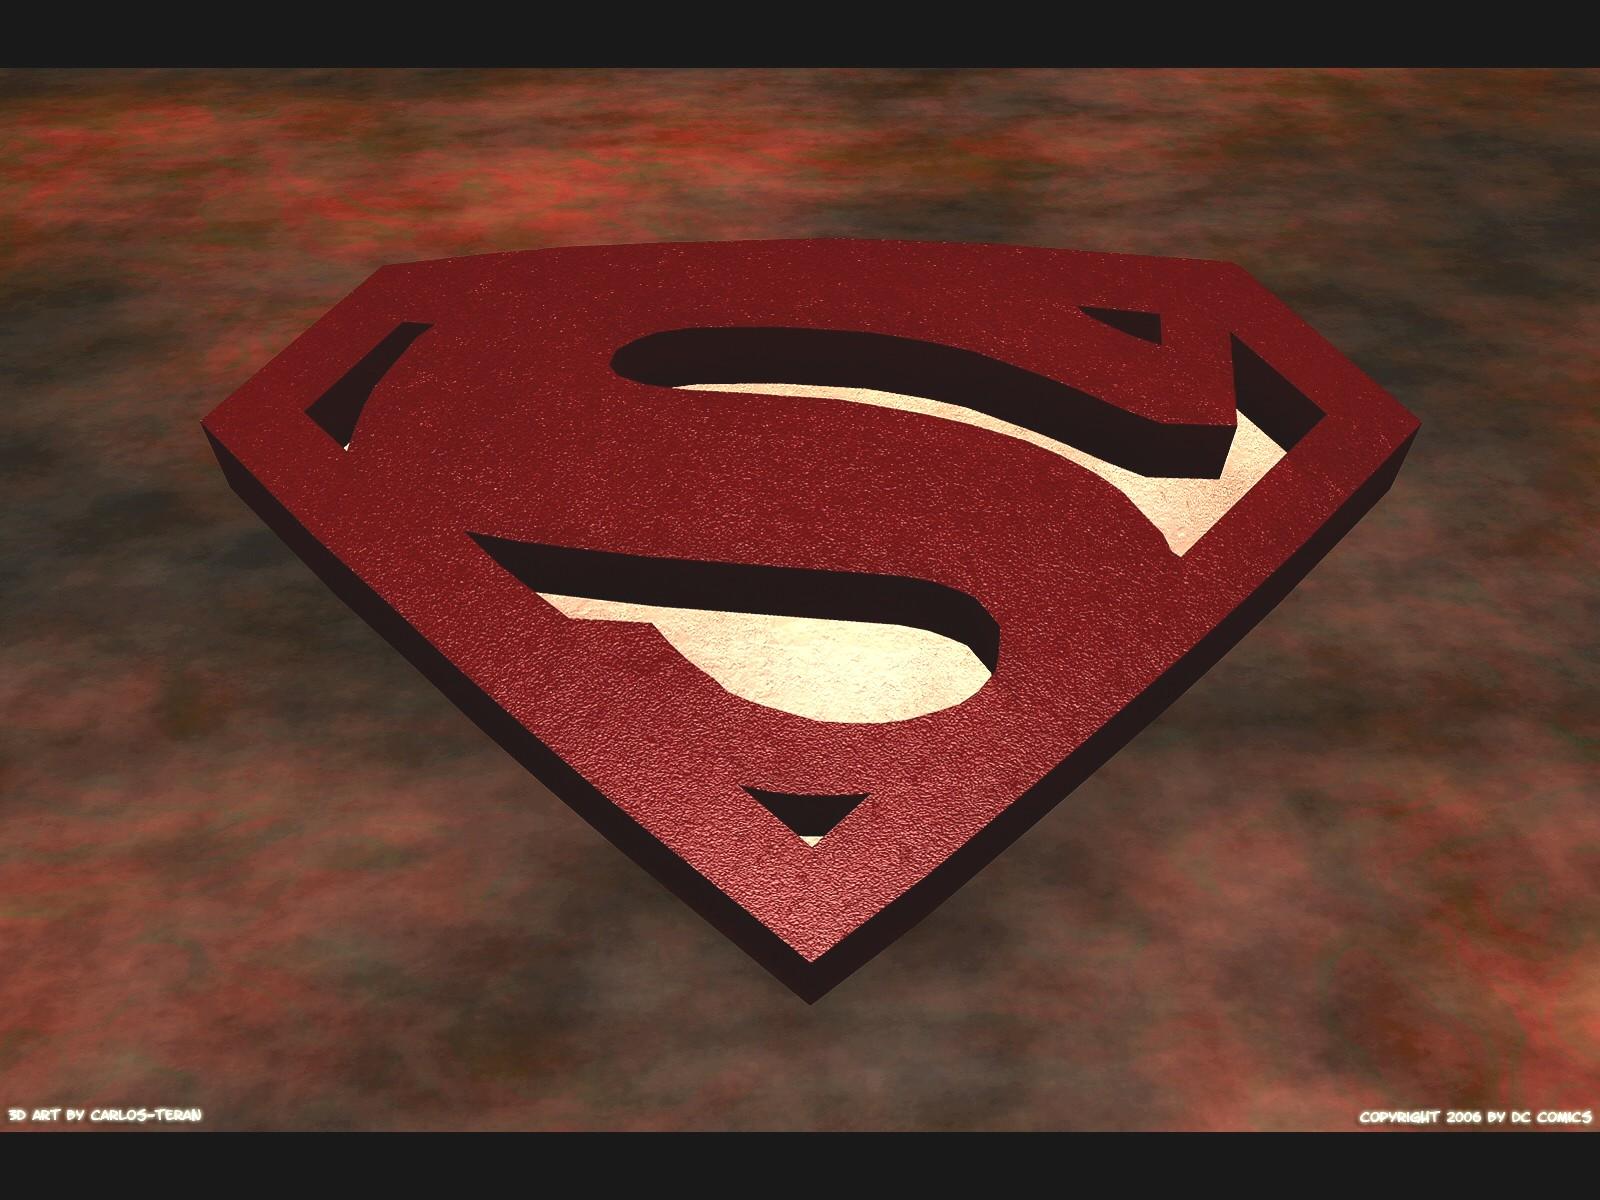 Superman symbol Wallpaper